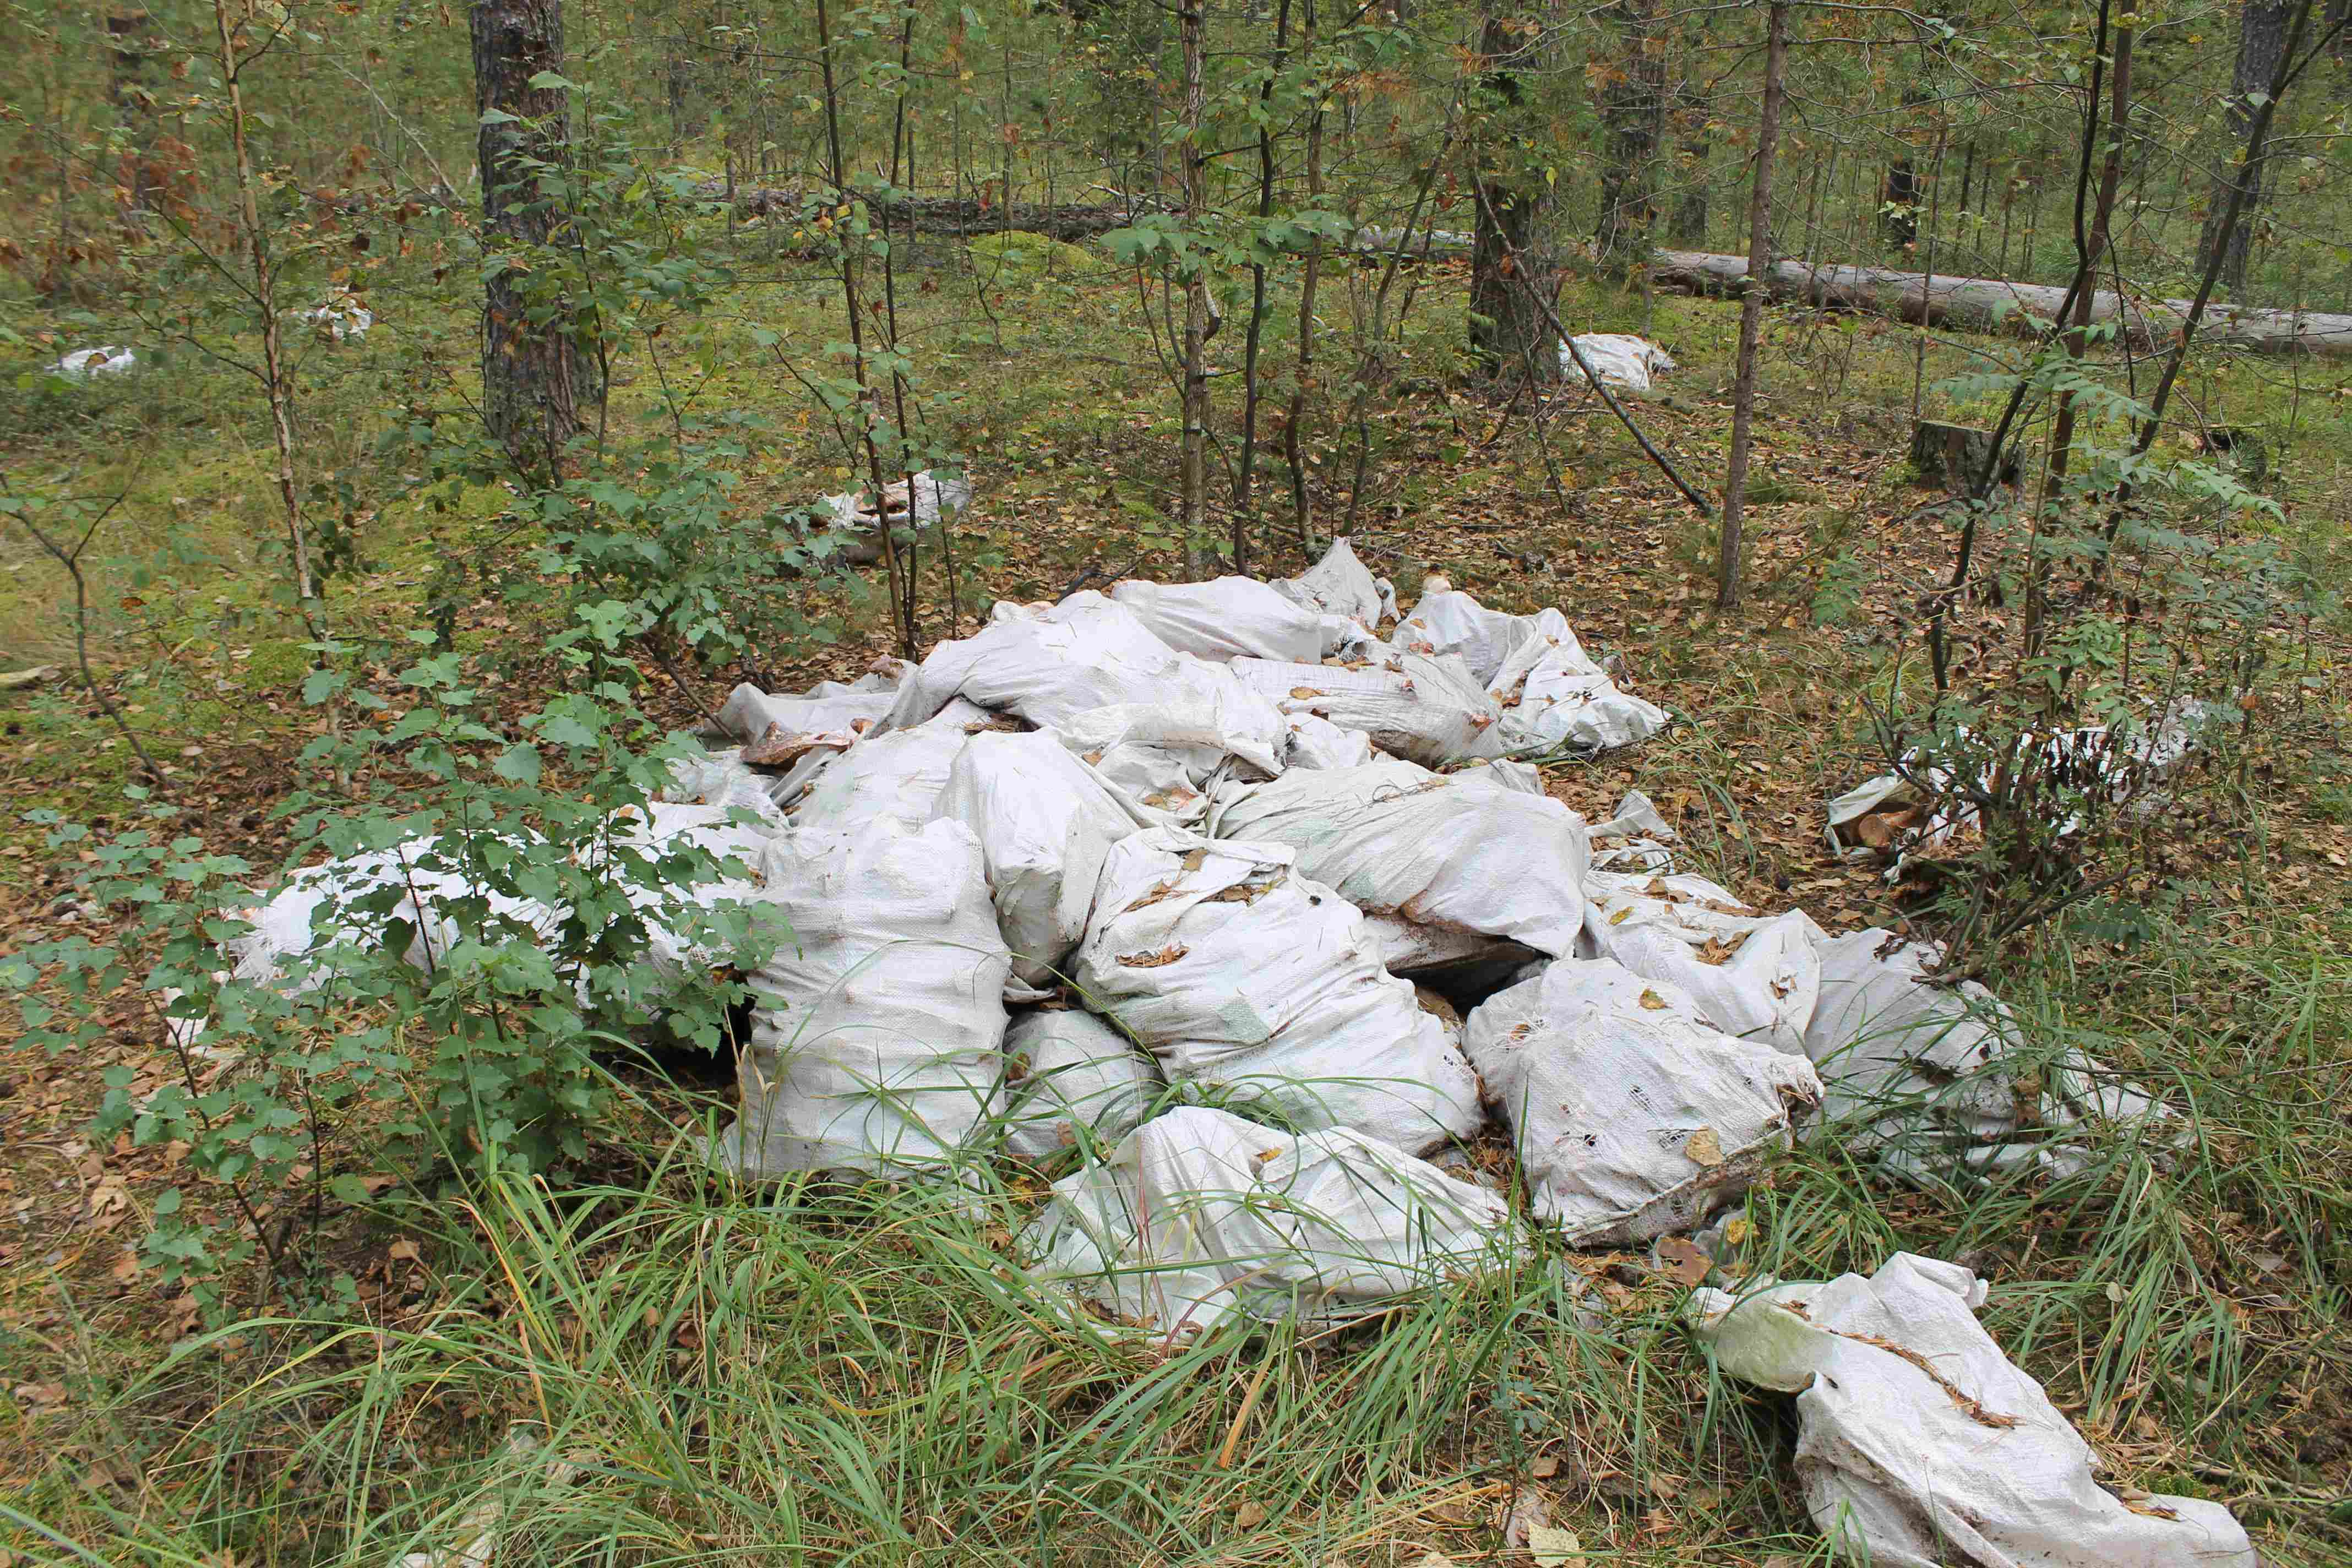 Активисты в Кировской области обнаружили свалки с останками животных